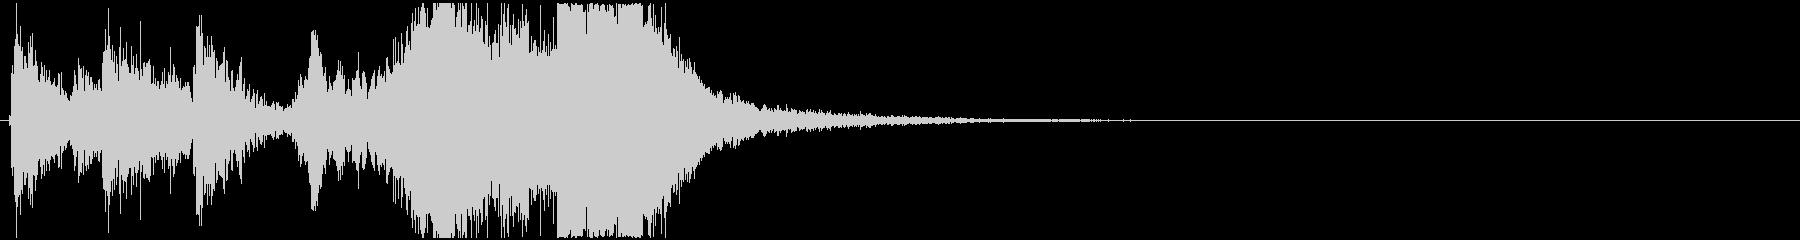 23 中程度の長さの金管ファンファーレの未再生の波形